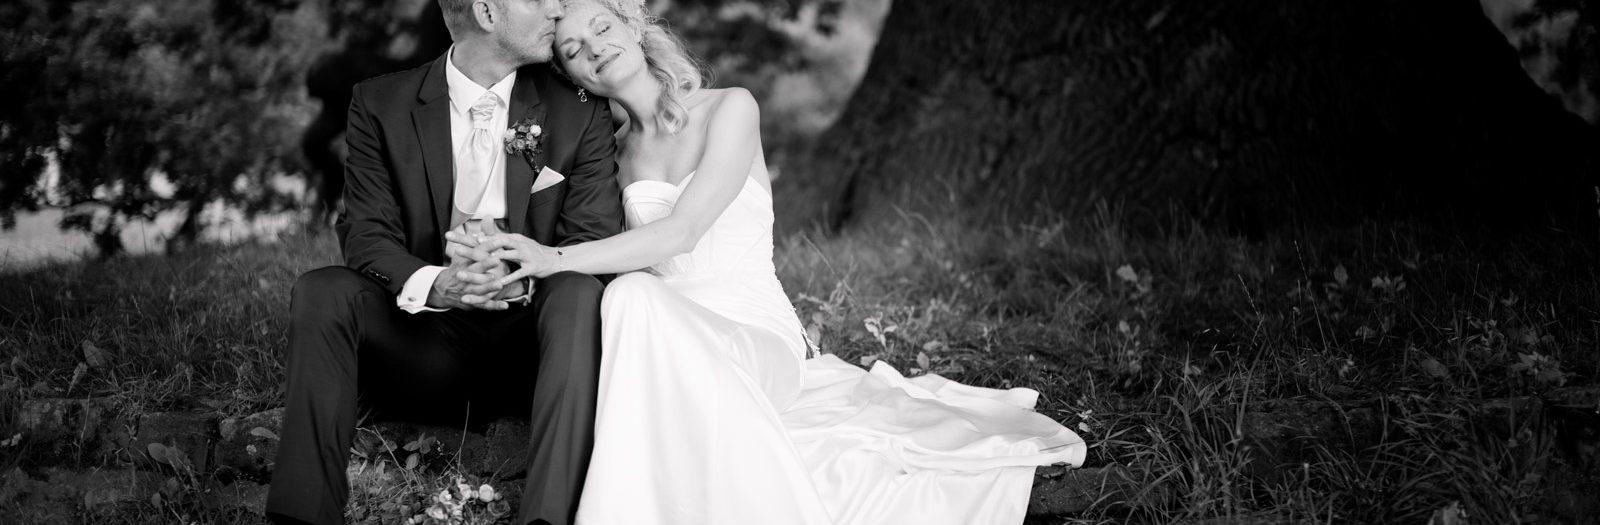 Feine Hochzeit auf Jagdschloss Graupa